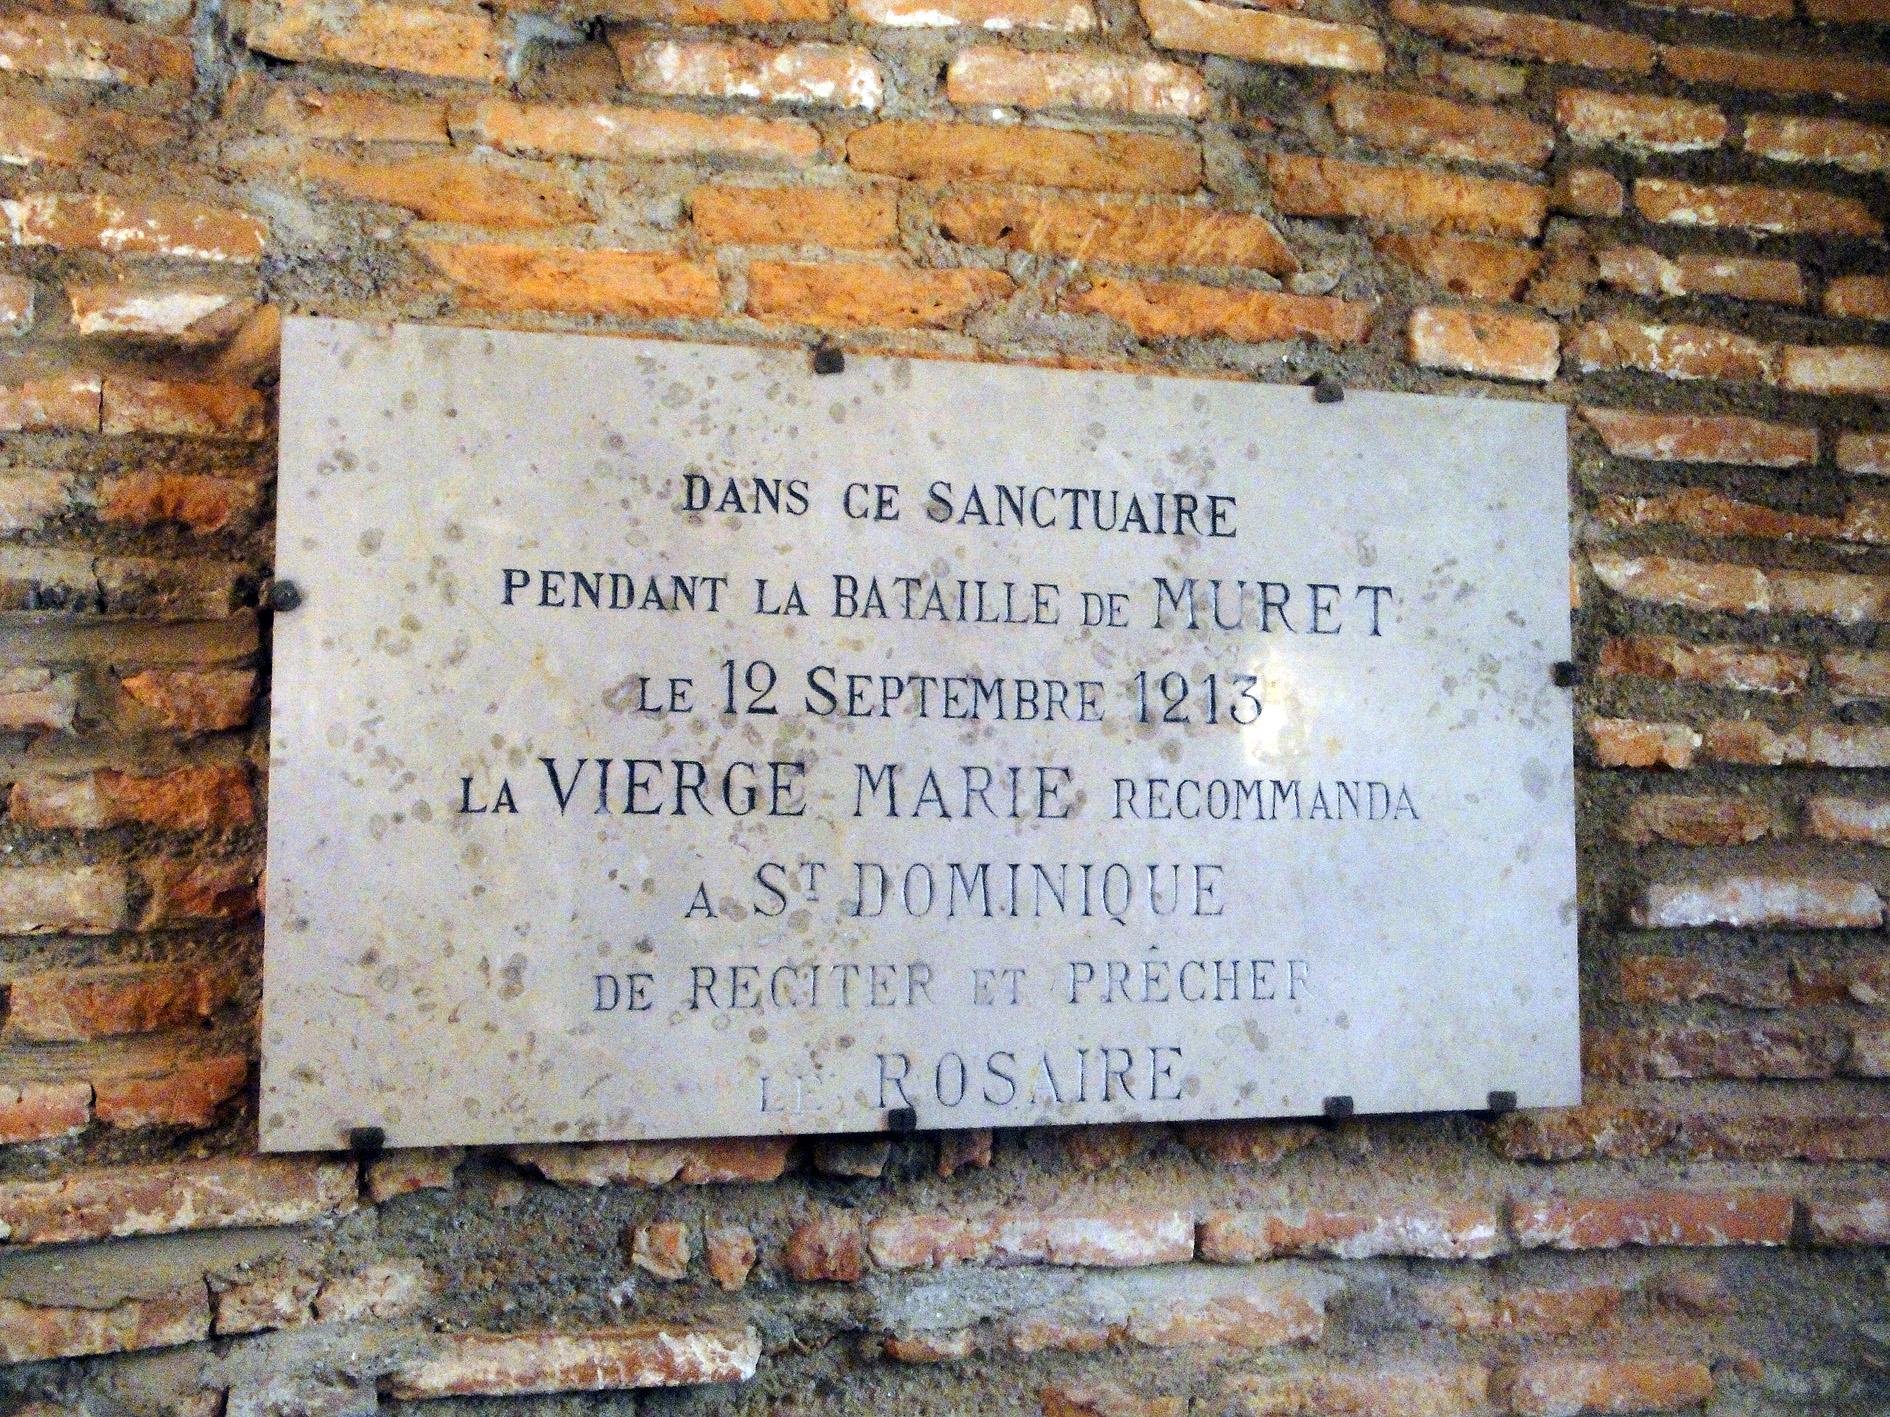 02.07.2013 Una placa on es commemora la recomanació de la Verge Maria de resar el rosari a Domènec de Guzmán. Li serví de molt!  Muret -  Jordi Bibià